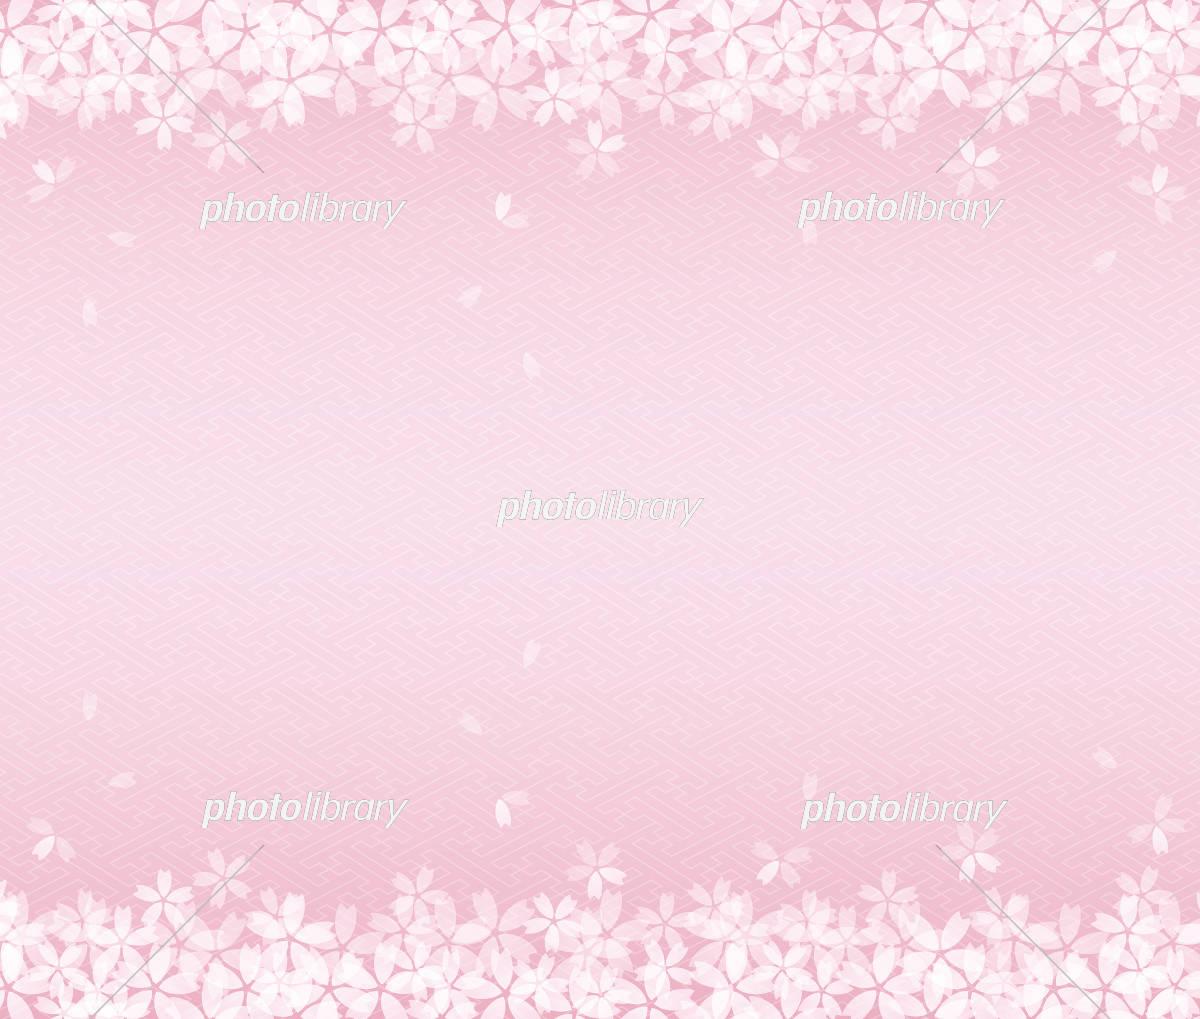 桜の和風背景イラスト 桜吹雪 イラスト素材 [ 5468864 ] - フォトライブ